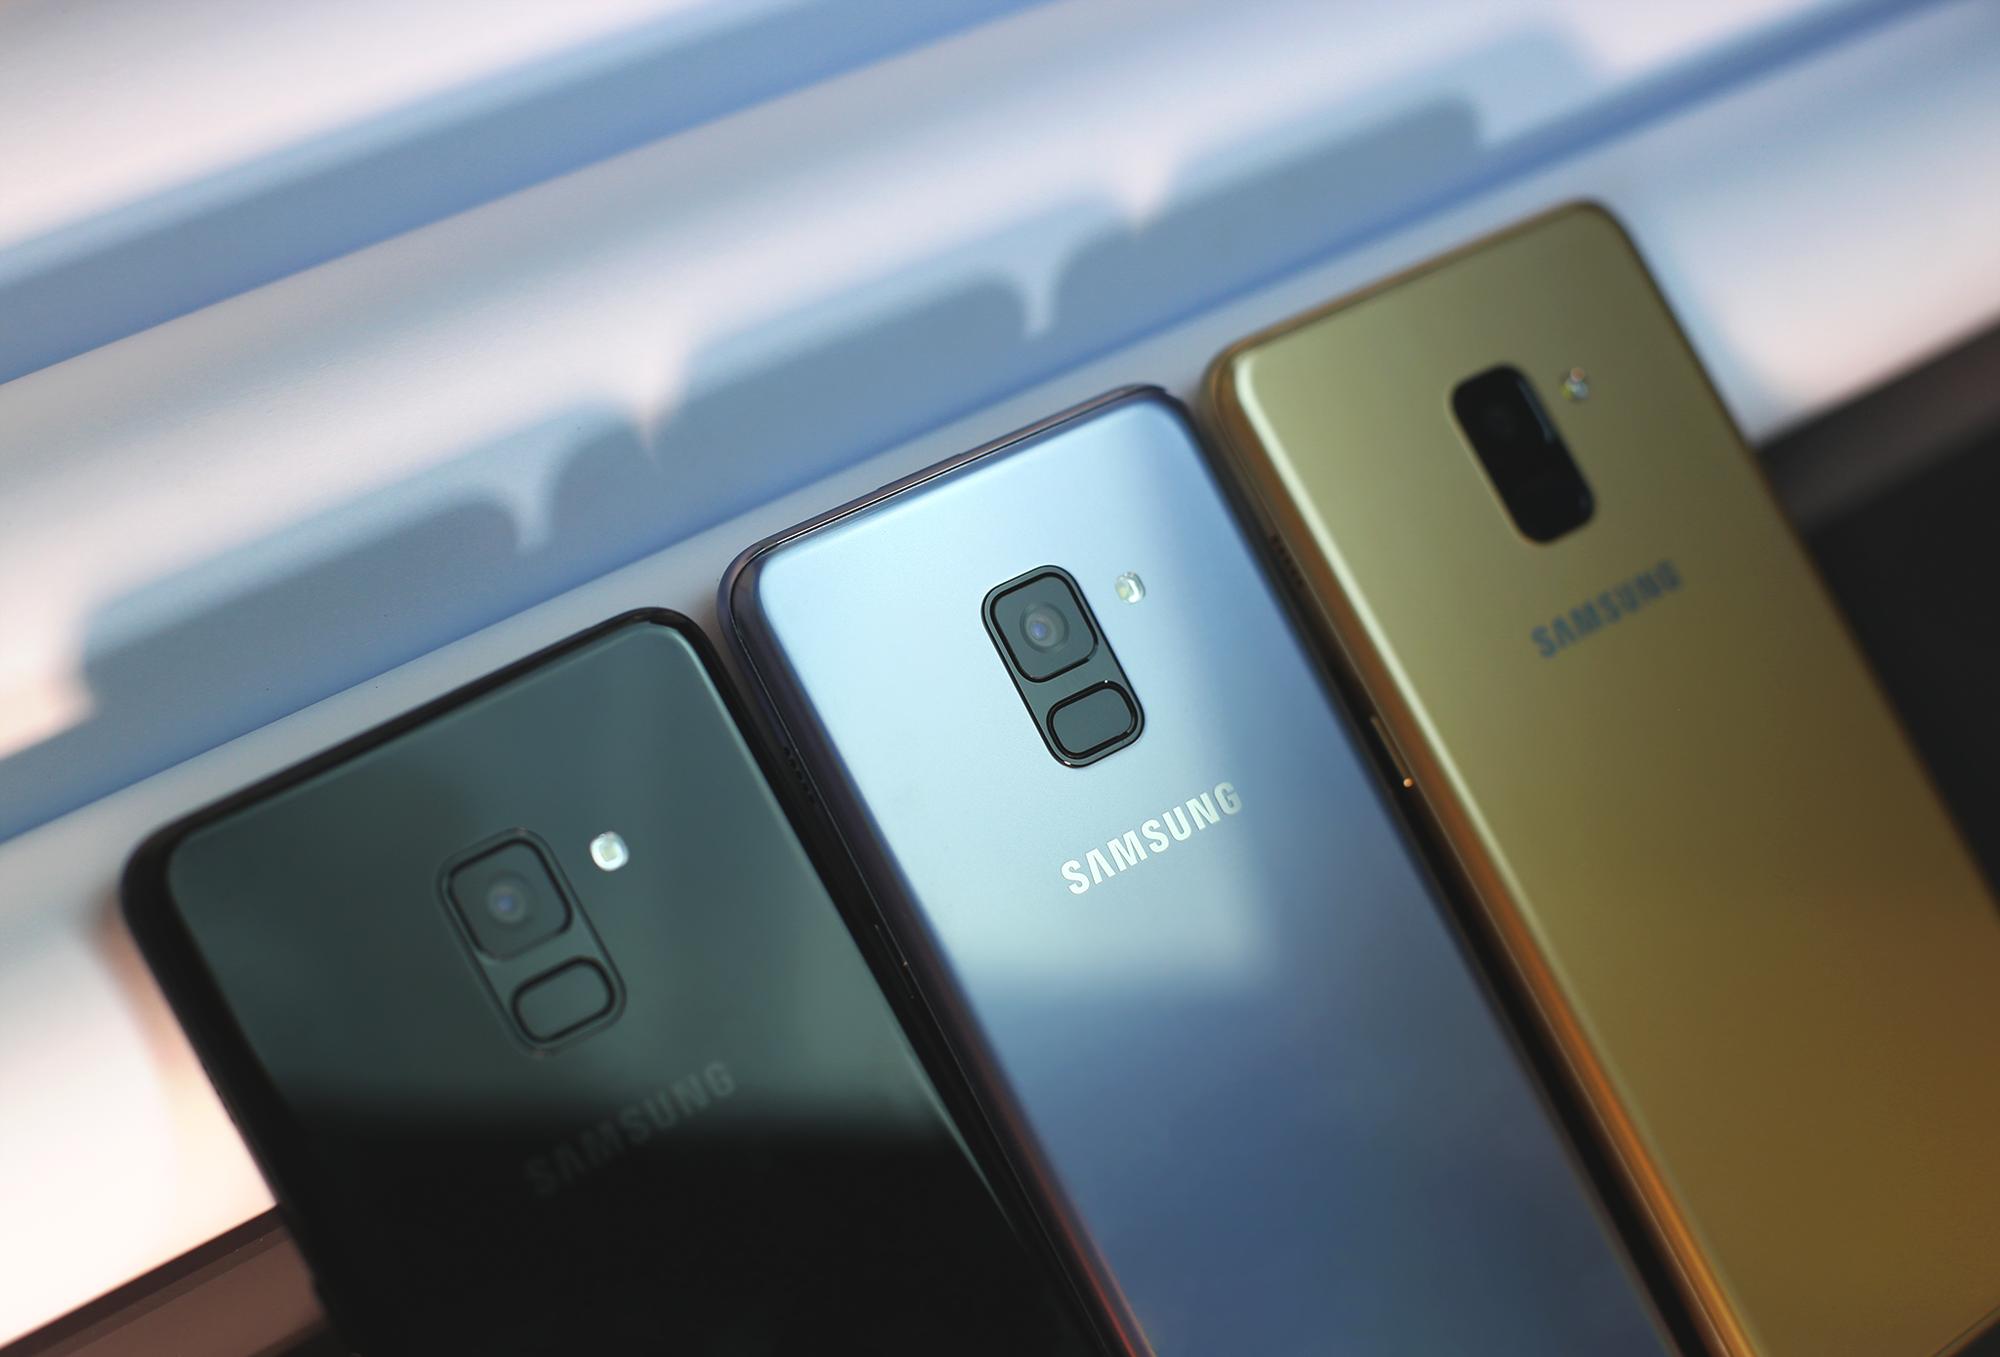 Samsung phủ sóng toàn bộ thị trường điện thoại di động - Ảnh 7.